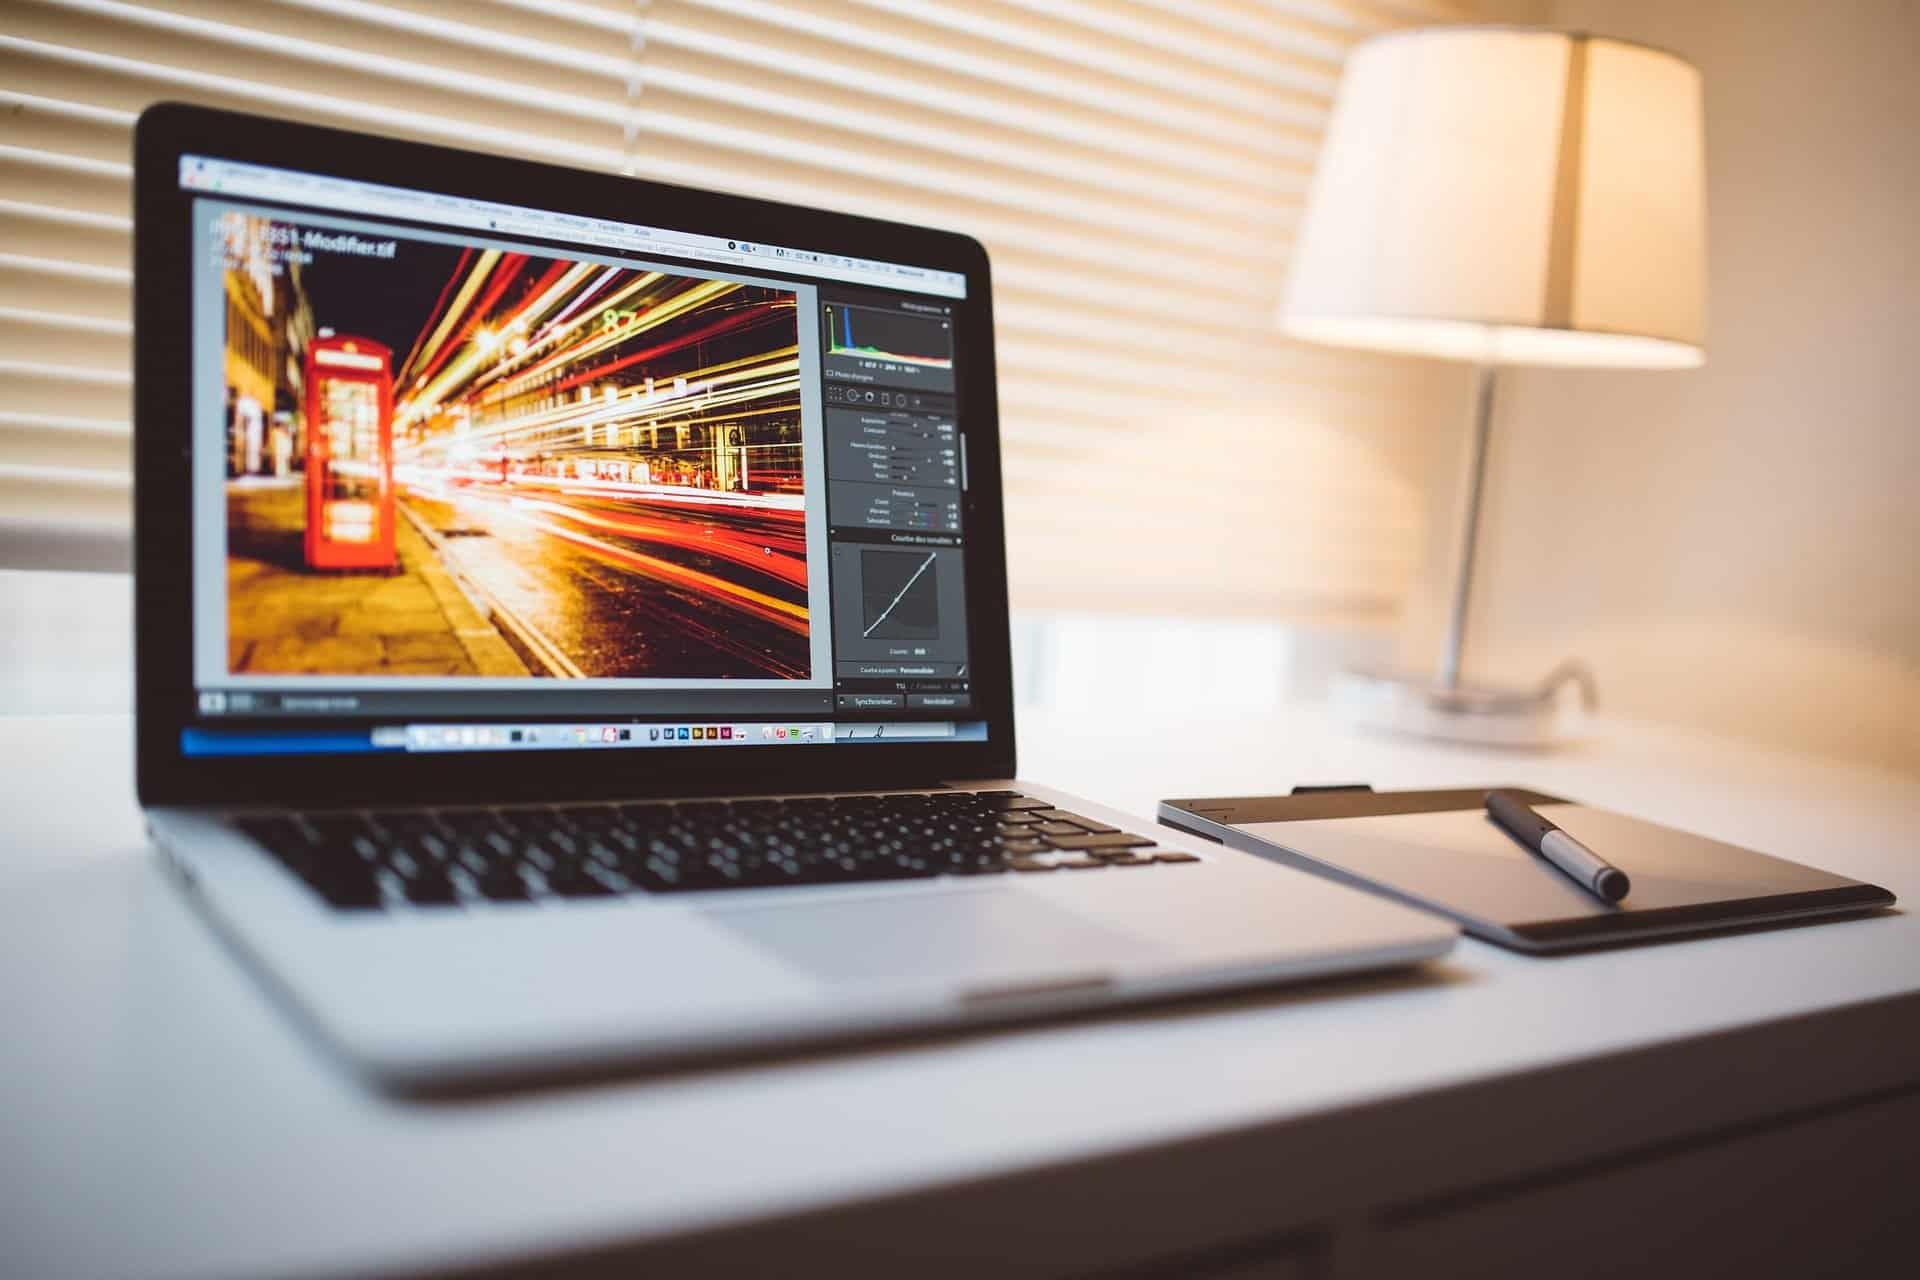 Es gibt viele Anbieter für lizenzfreie Bilder, die kostenlos angeboten werden